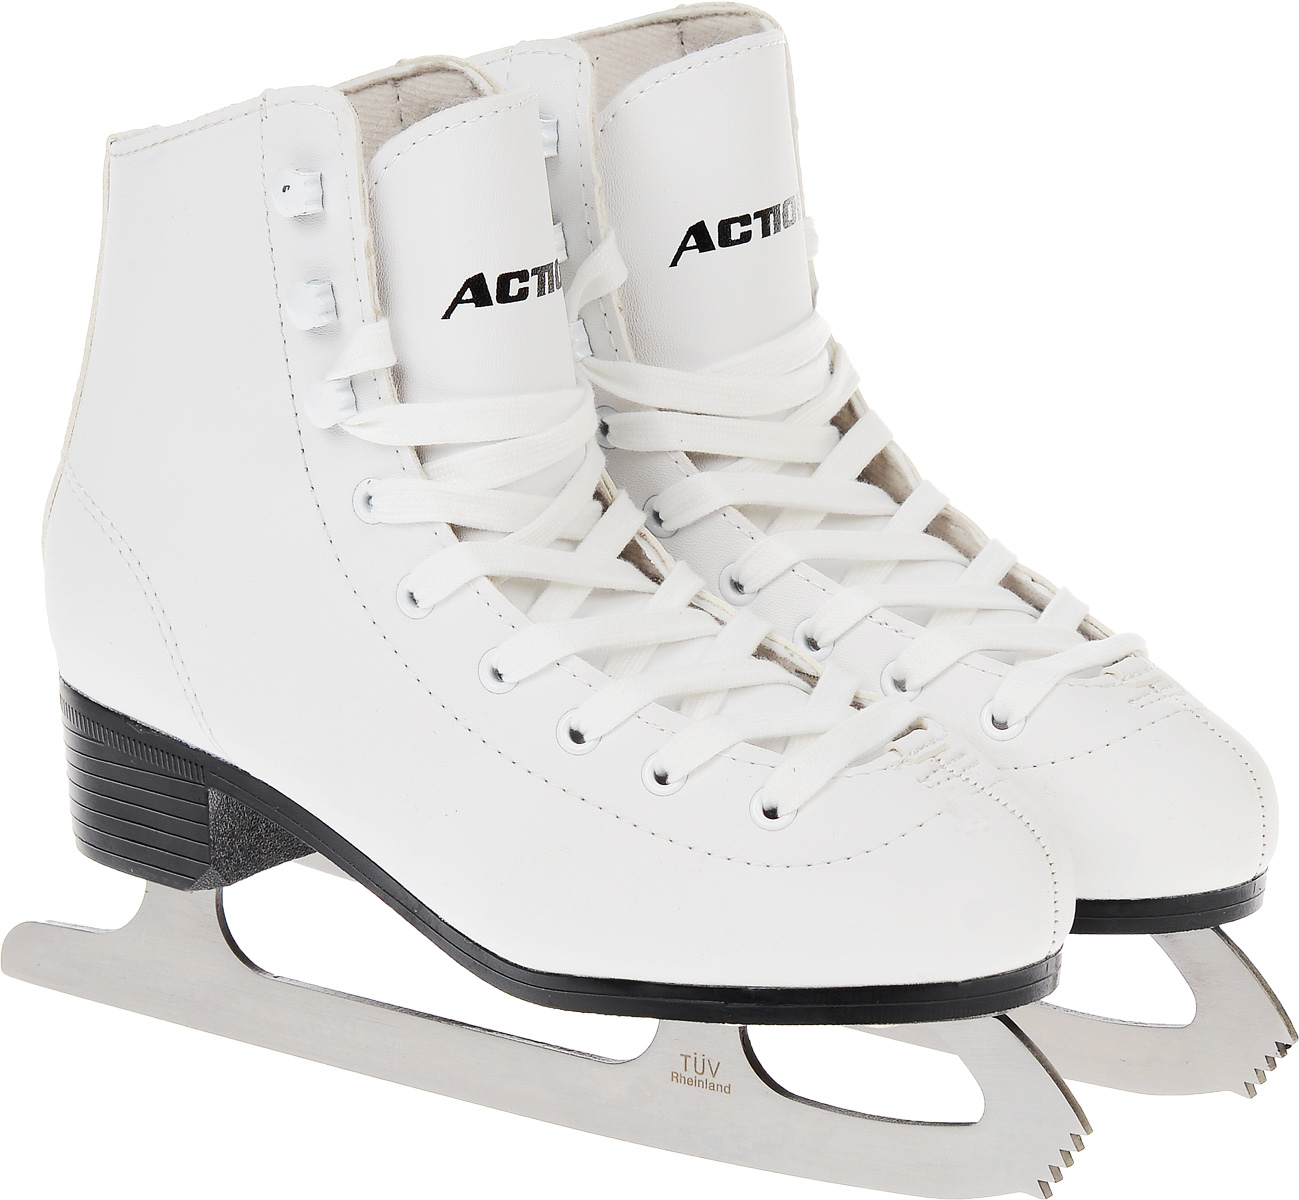 Коньки фигурные женские Action Sporting Goods, цвет: белый. PW-215. Размер 41PW-215_белый_41Высокий классический ботинок идеально подойдет для любительского катания. Модель снабжена системой быстрой шнуровки и поддержкой голеностопа. Верх ботинка выполнен из высококачественной искусственной кожи, подошва - твердый пластик.Лезвие изготовлено из нержавеющей стали со специальным покрытием, придающим дополнительную прочность.